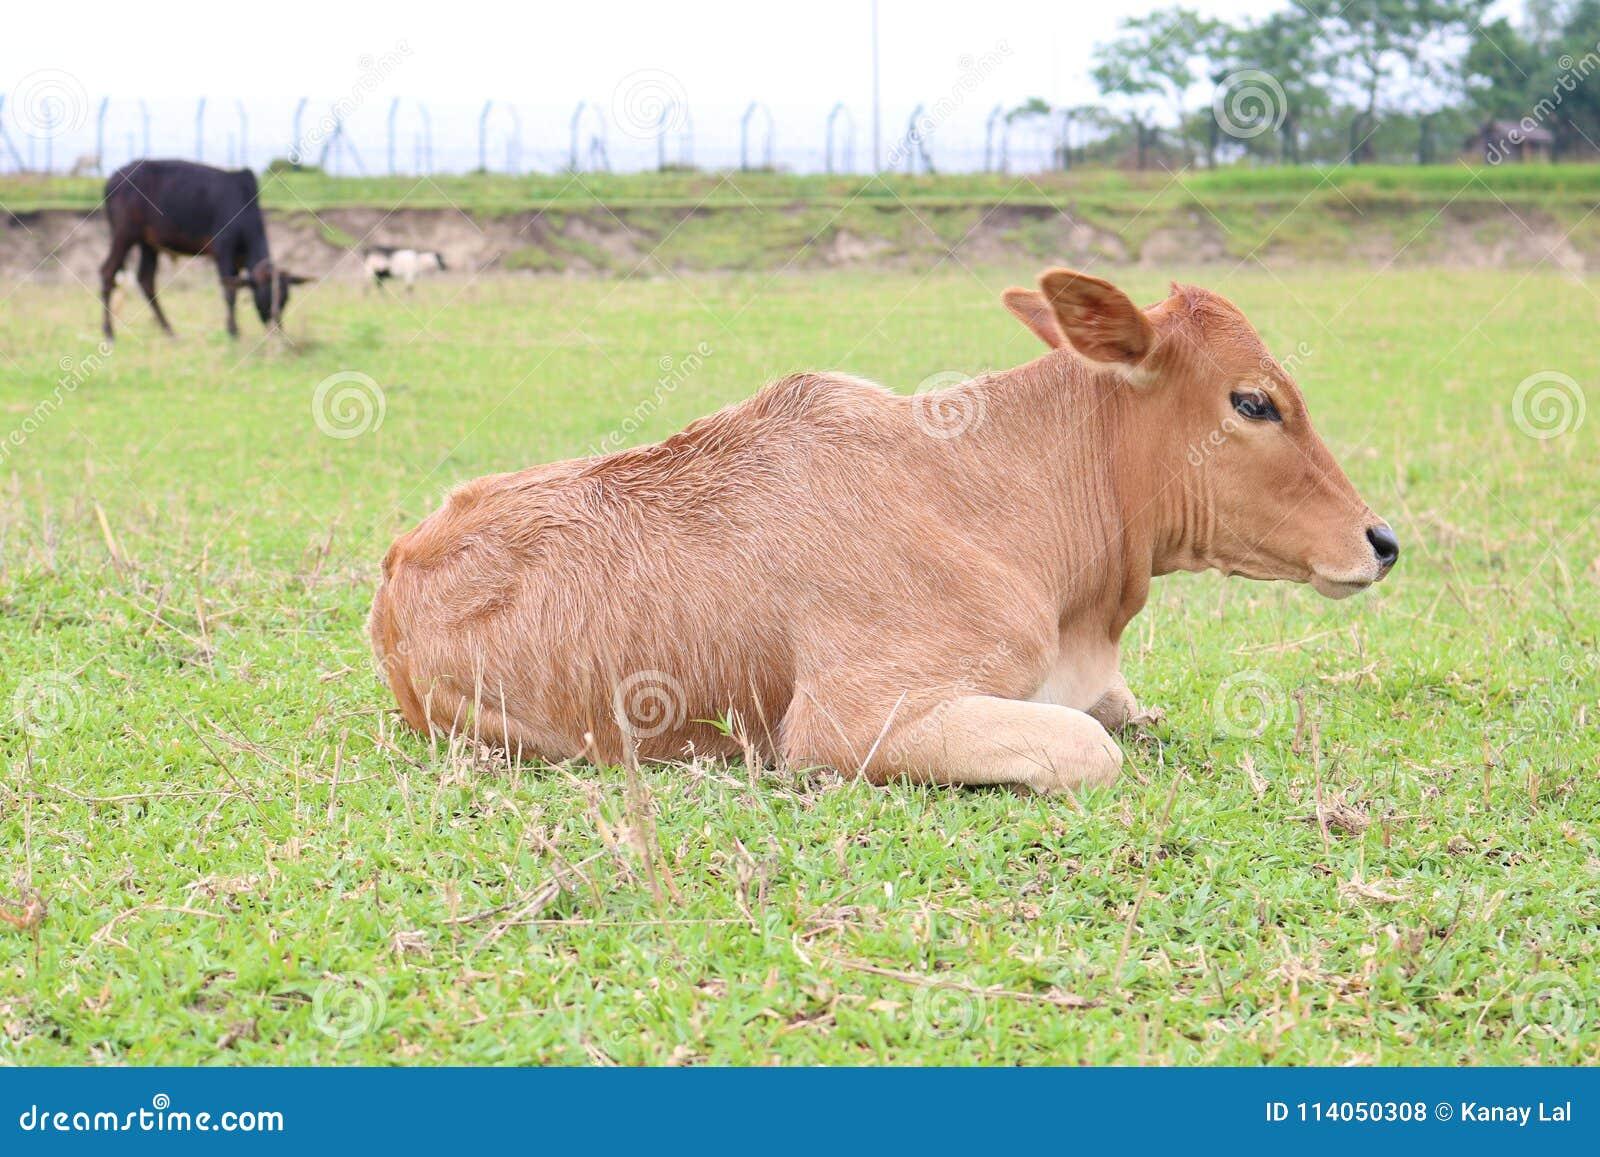 Bangladeska Piękna krowa Cieli się lying on the beach na zielonej trawie